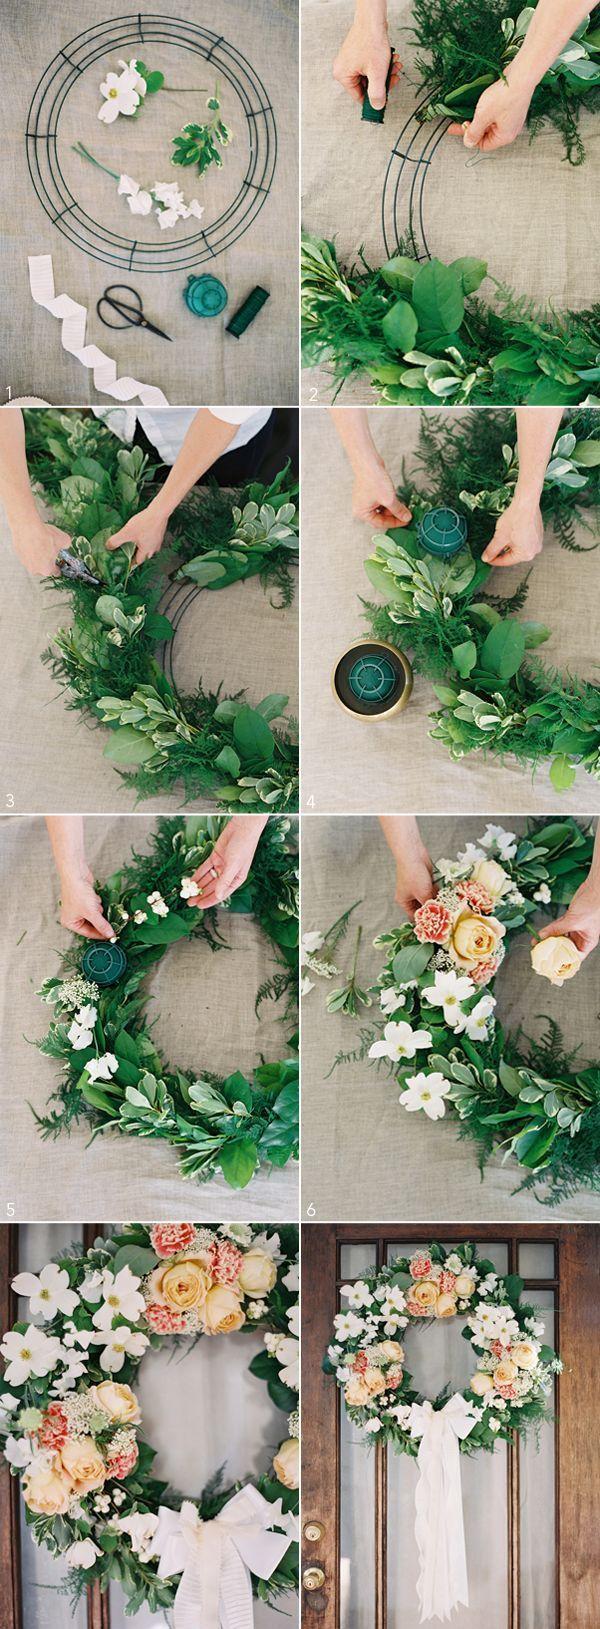 Diy wedding table decorations ideas  wonderful spring wedding decoration ideas DIY wedding wreath